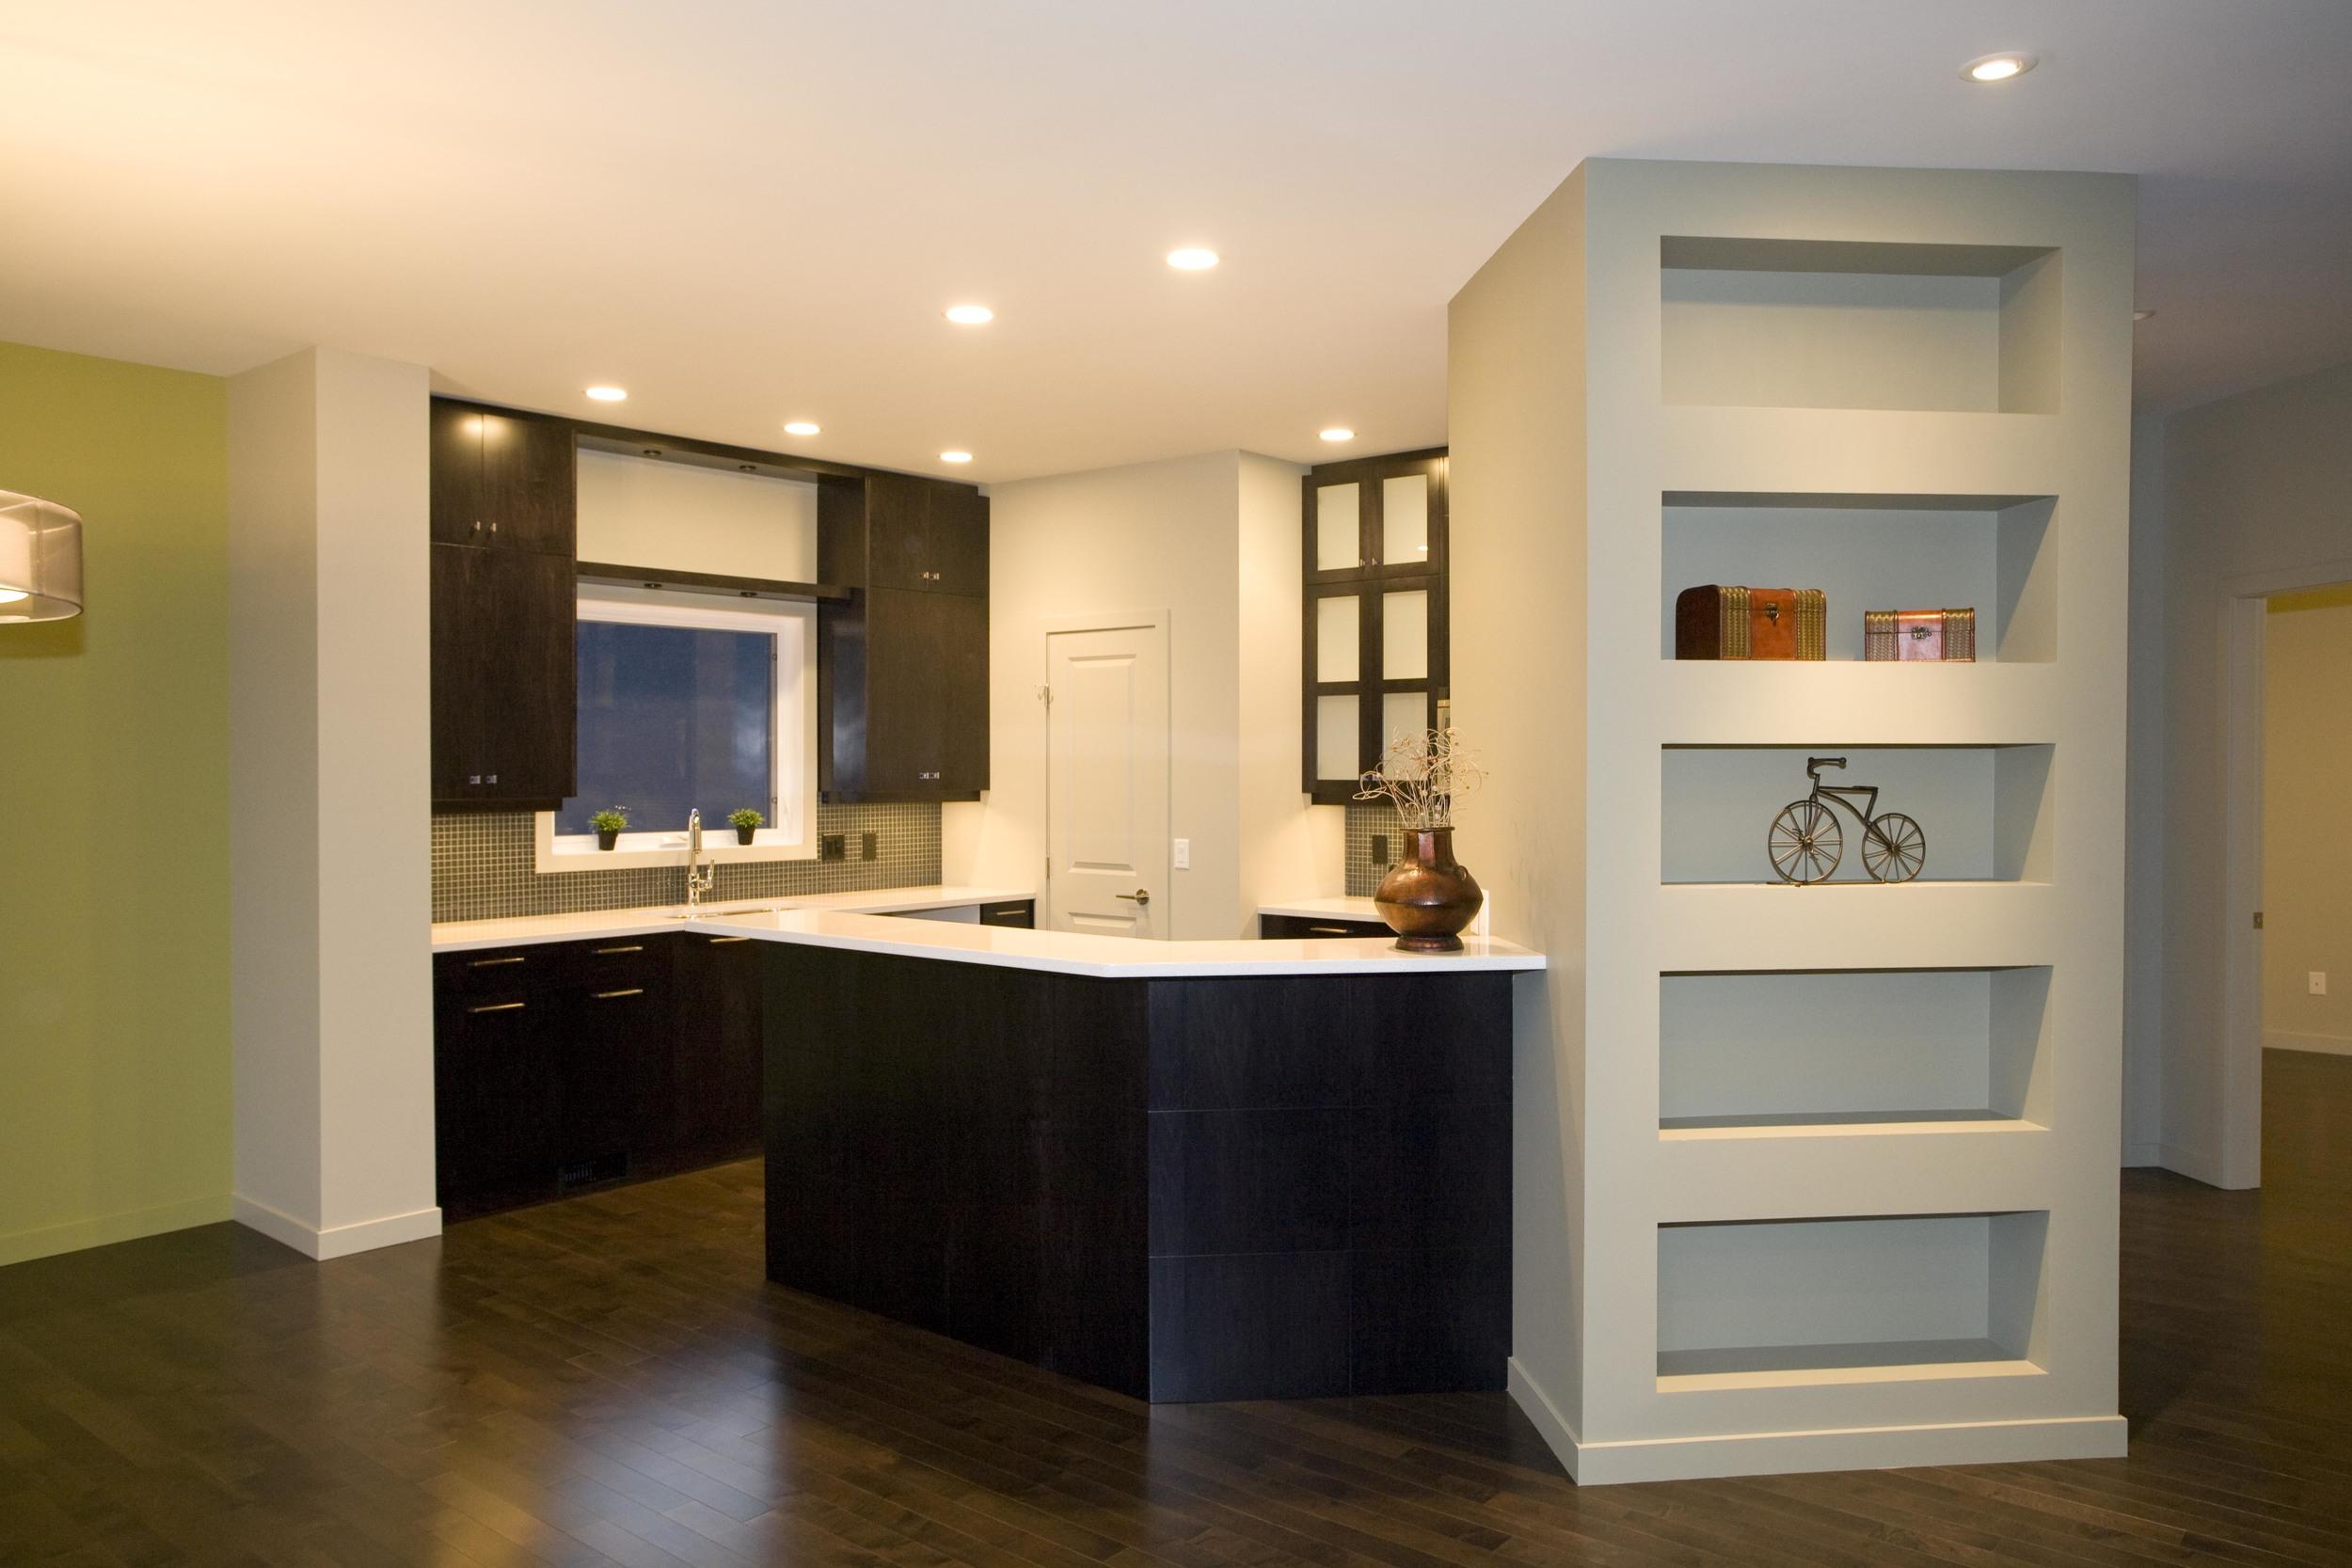 espresso-wood-modern-kitchen-cabinetry.jpg